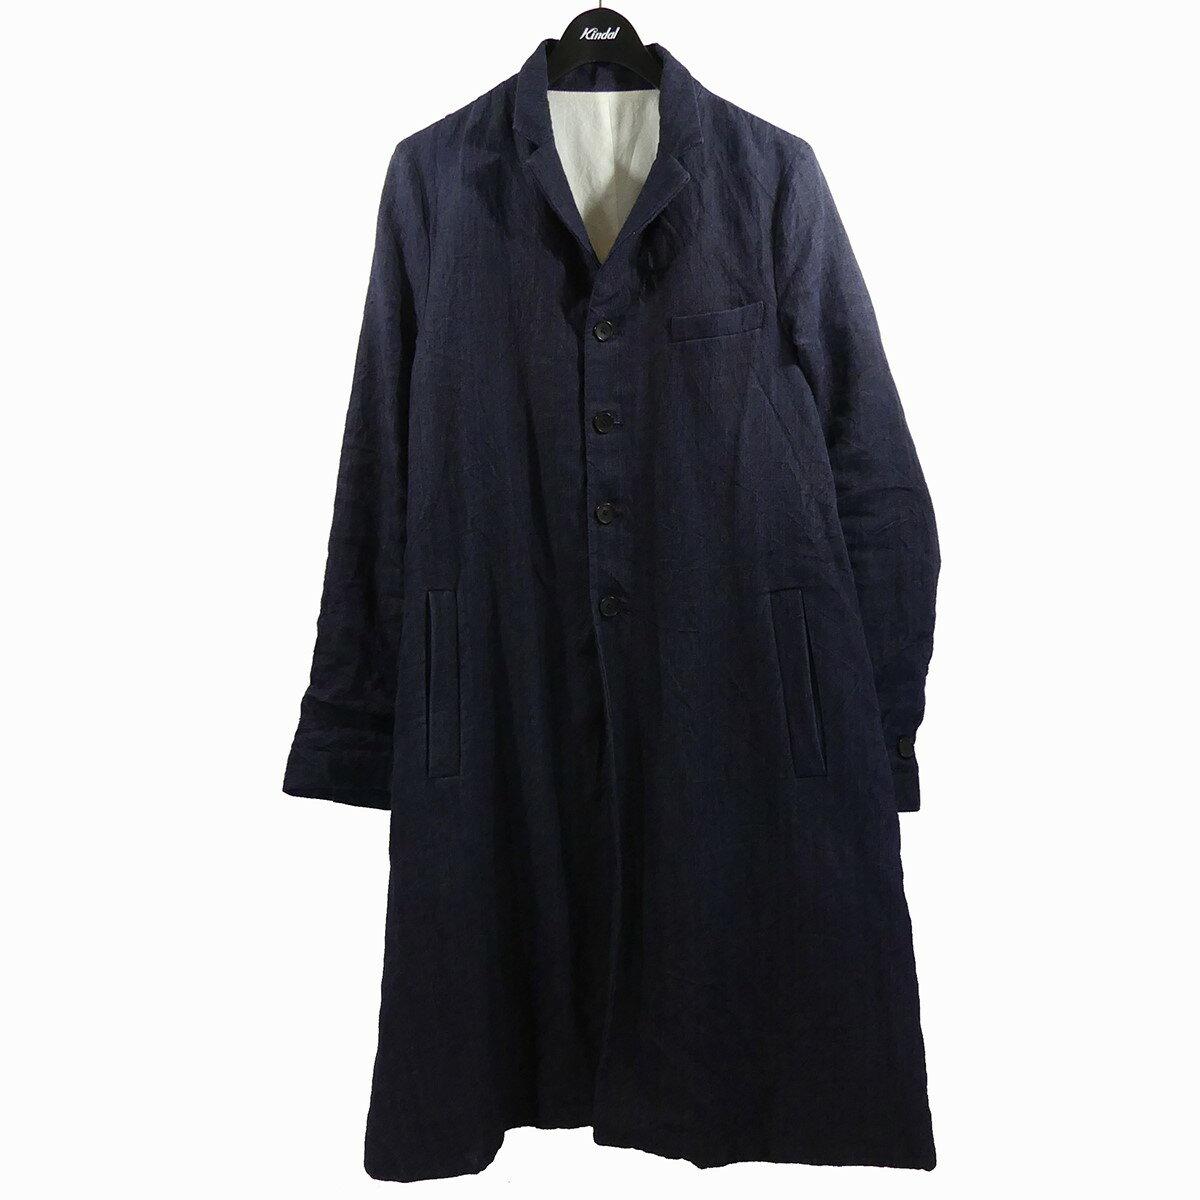 メンズファッション, コート・ジャケット bergfabel Farmer Coat 46 280321